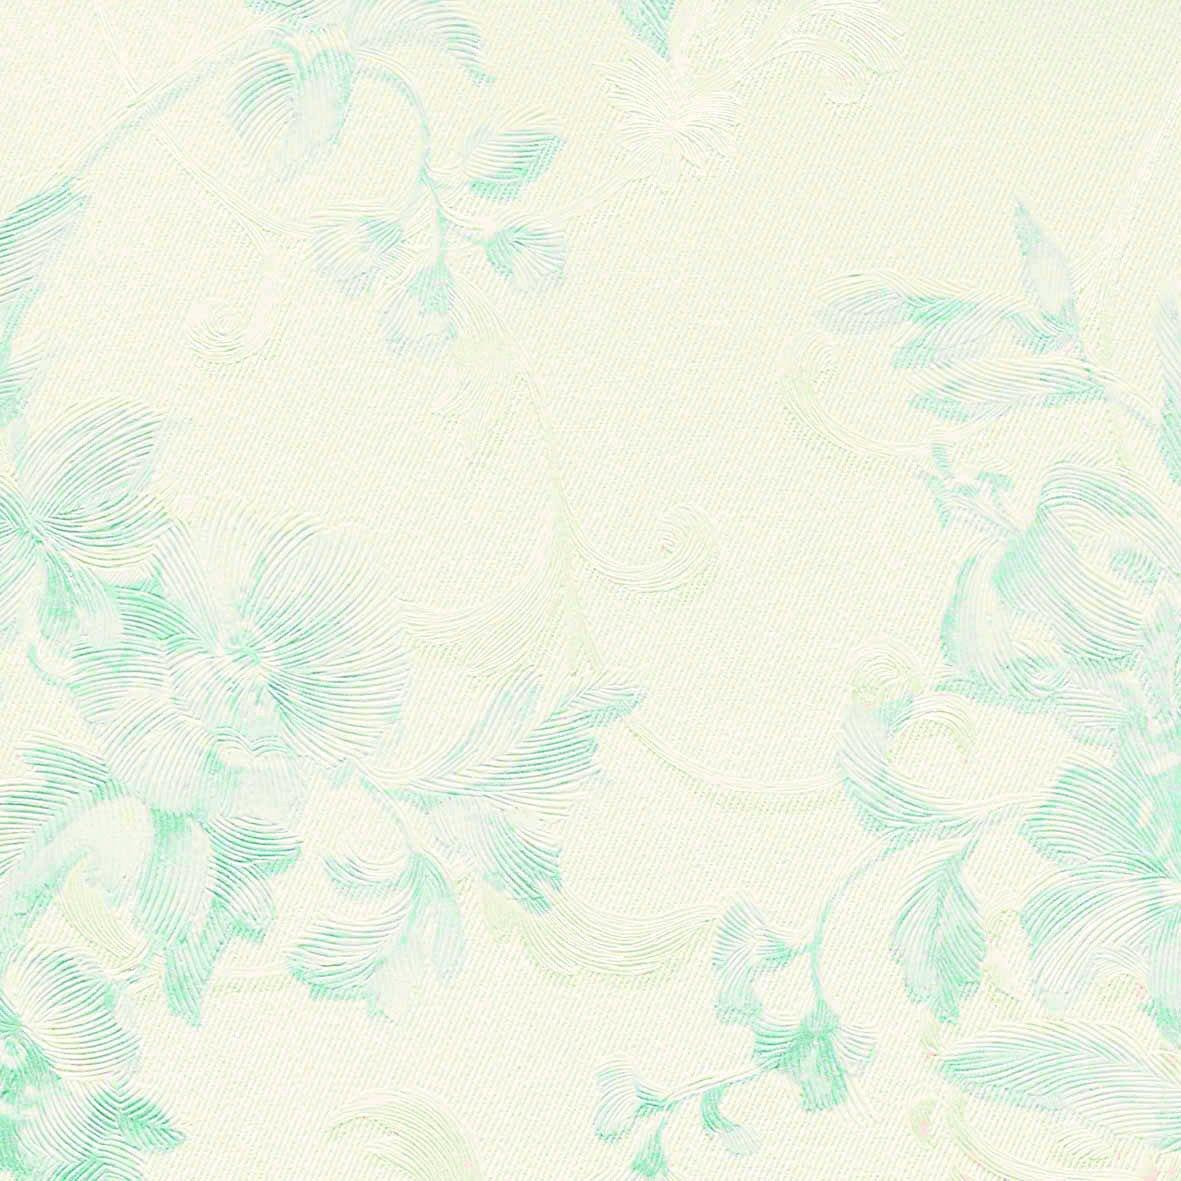 壁紙クロス 33m リリカラ フェミニン 花柄 ブルー LL-8350 B01N3PAJIW 33m|ブルー